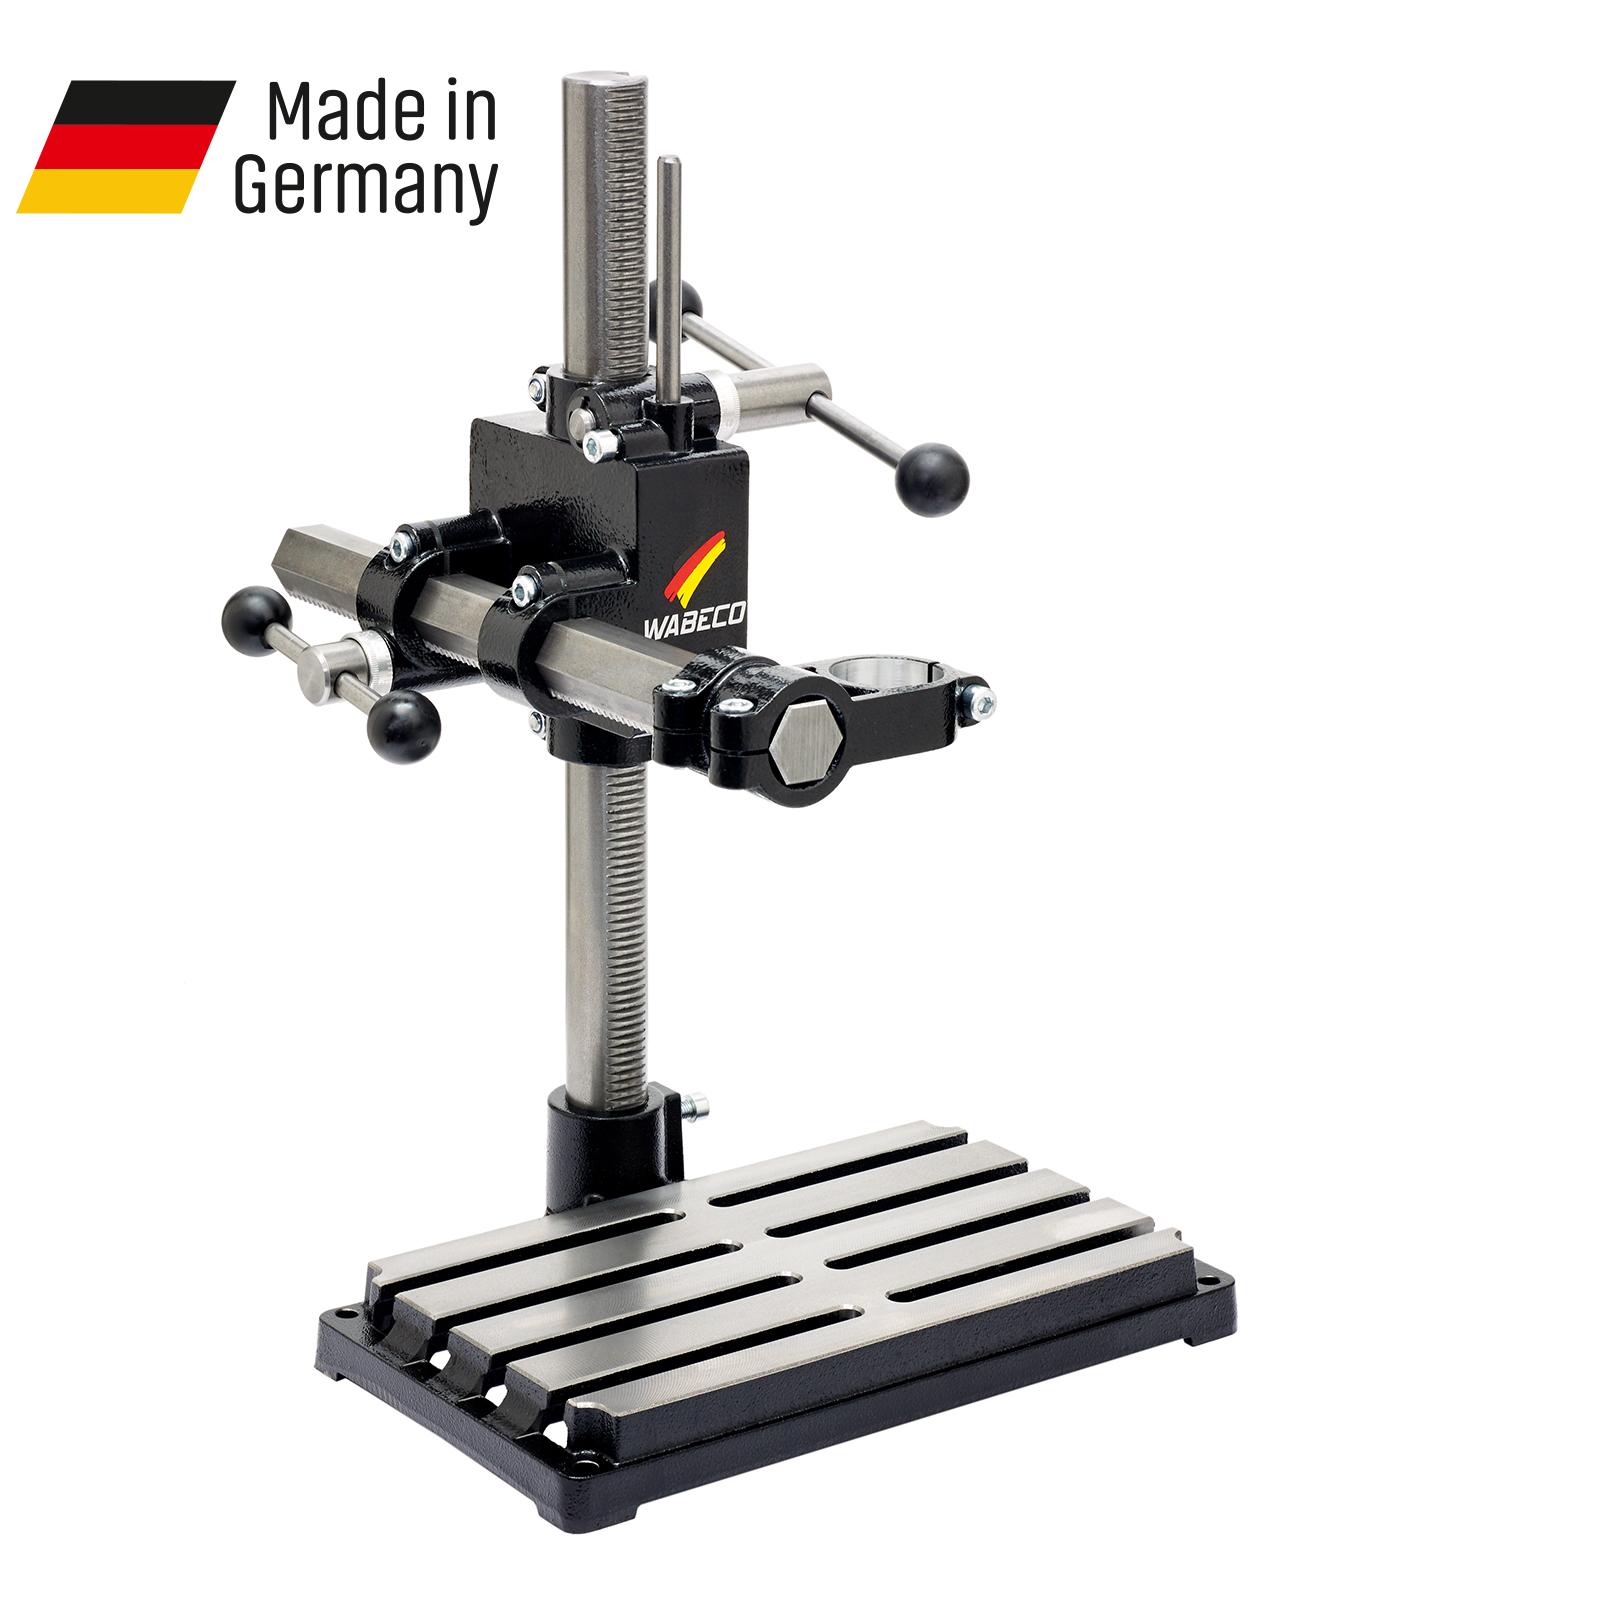 WABECO-Bohrstaender-Fraesstaender-BF1240-Stahl-Saeule-500-mm-Stahl-Ausleger-350-mm